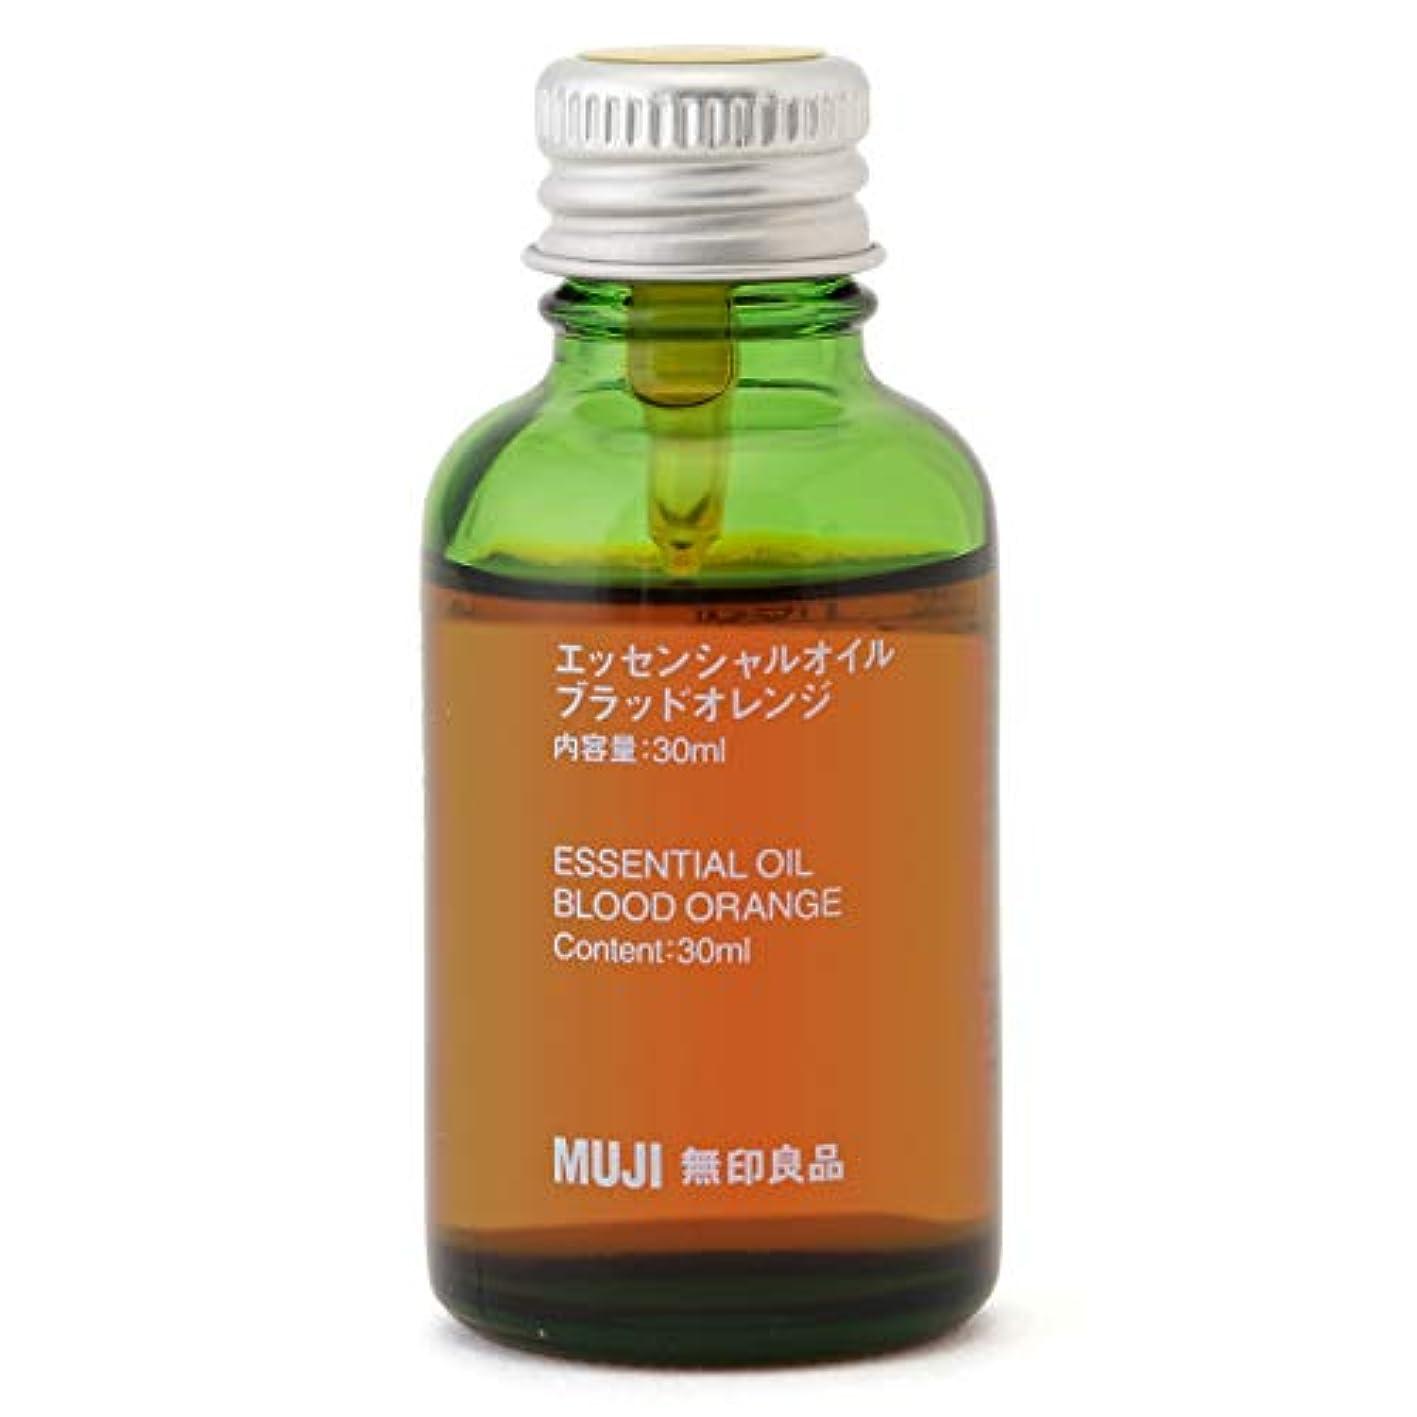 協力する聖域穀物【無印良品】エッセンシャルオイル30ml(ブラッドオレンジ)